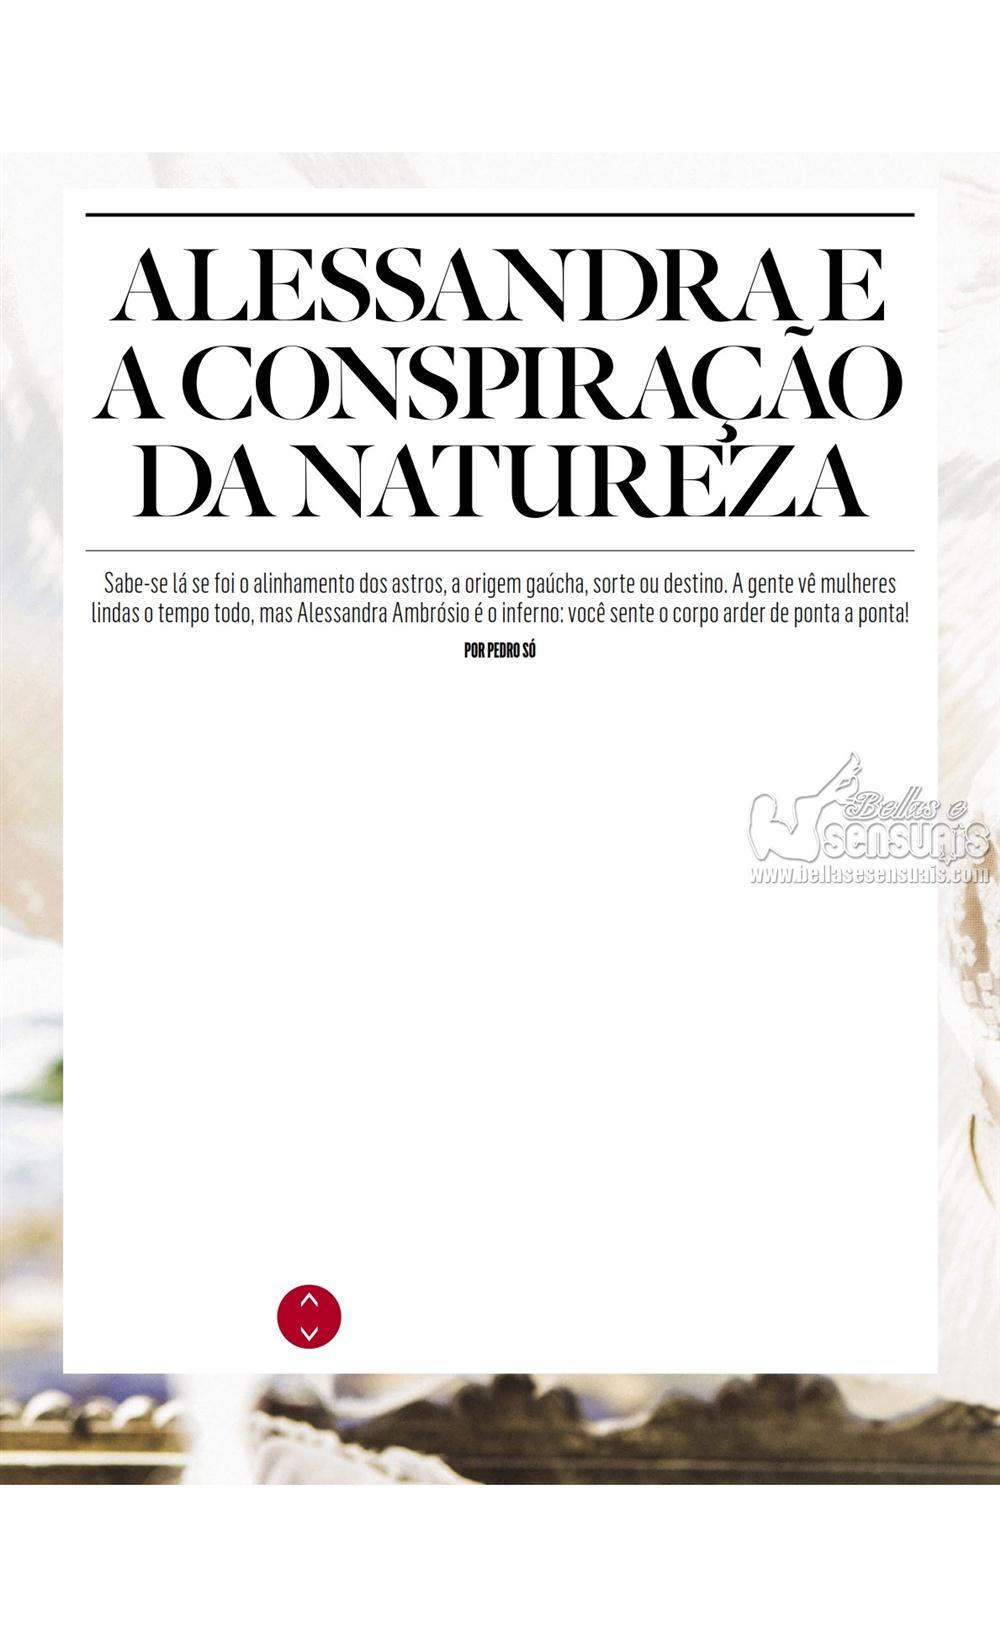 Alessandra Ambrosio vip__04__002